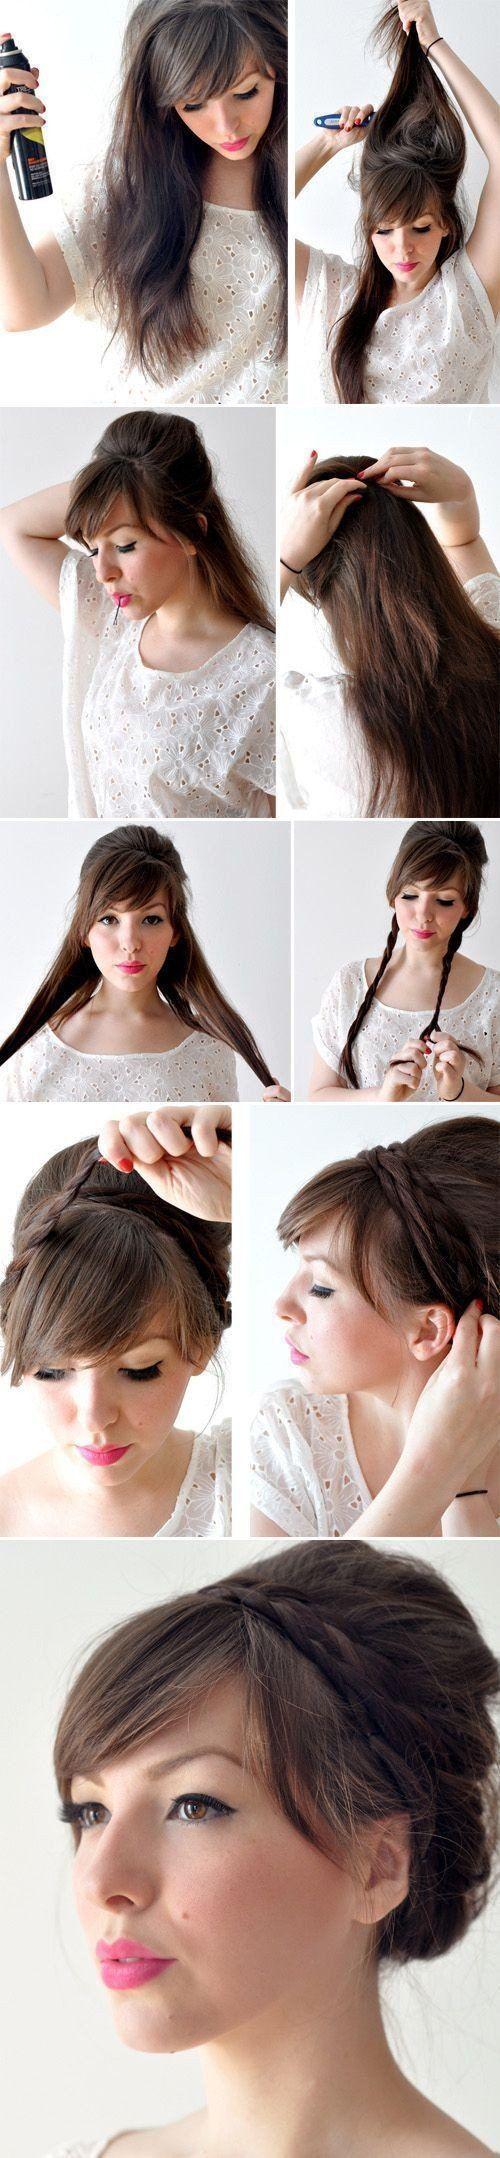 """Check out Nattha Pinsuwan's """"Braid poof-pretty hair"""" decalz @Lockerz http://lockerz.com/d/19727450?ref=karlhyanna.gonza7693"""